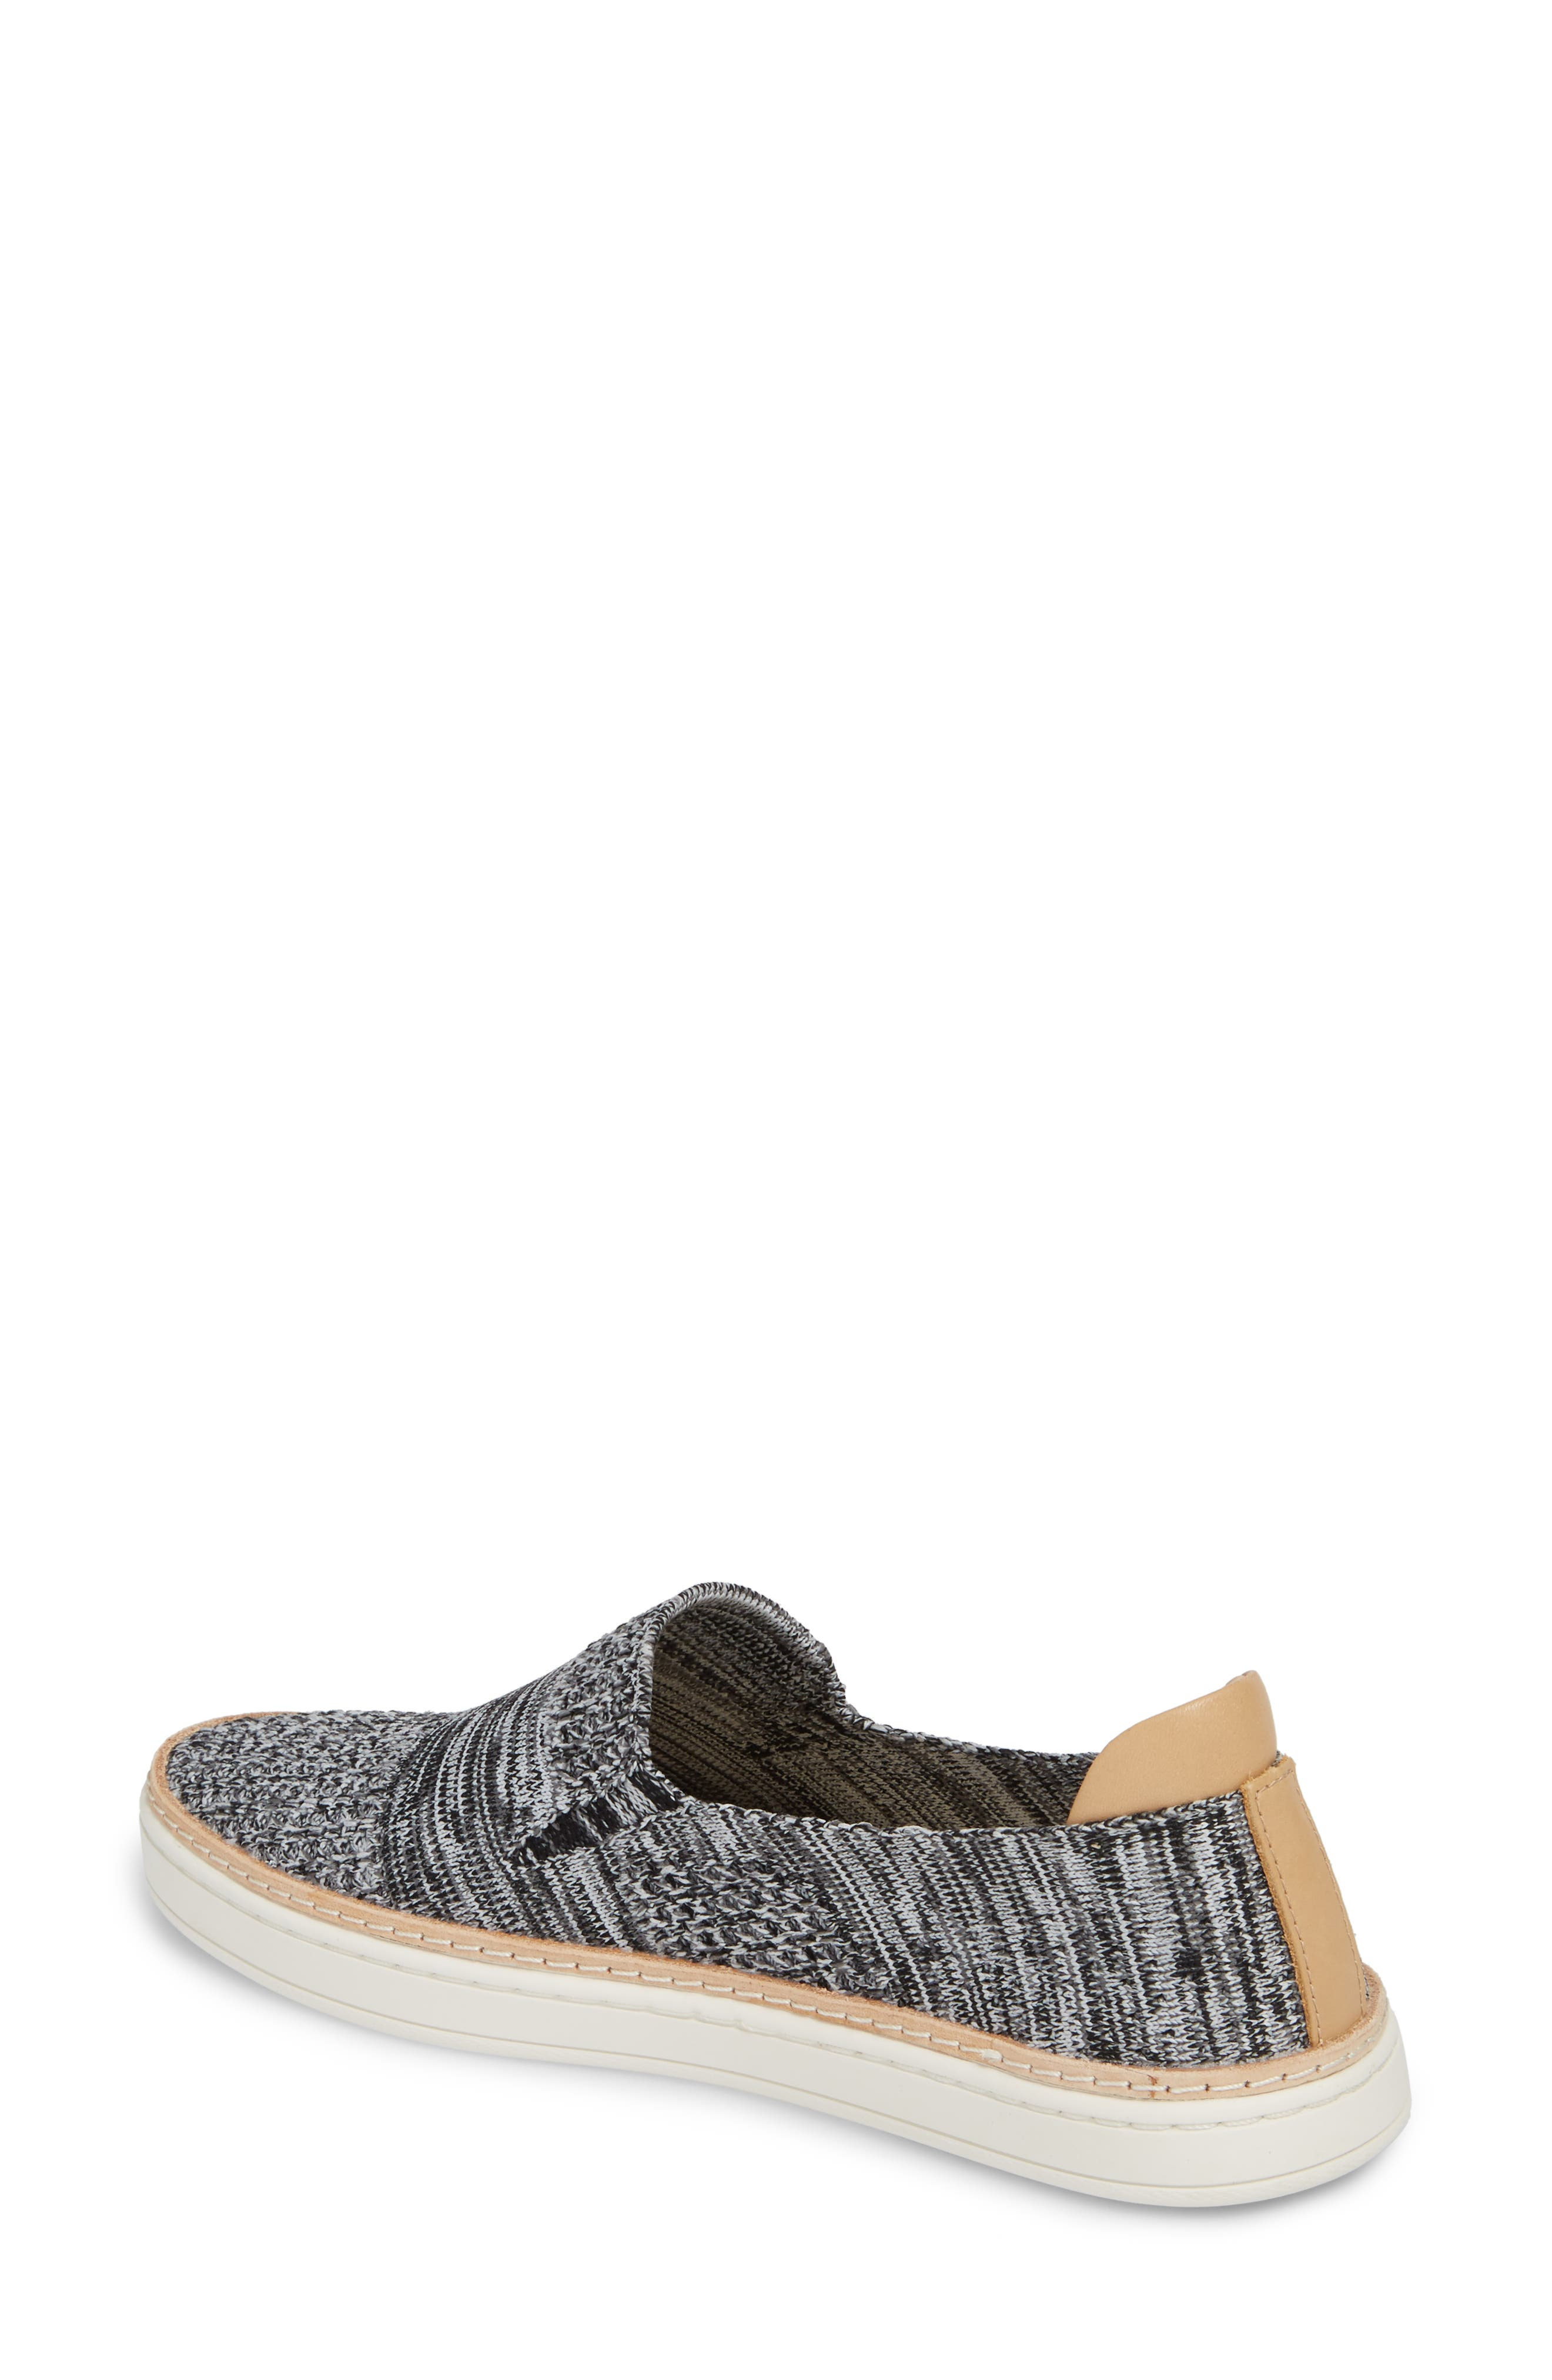 Alternate Image 2  - UGG® Sammy Sneaker (Women)